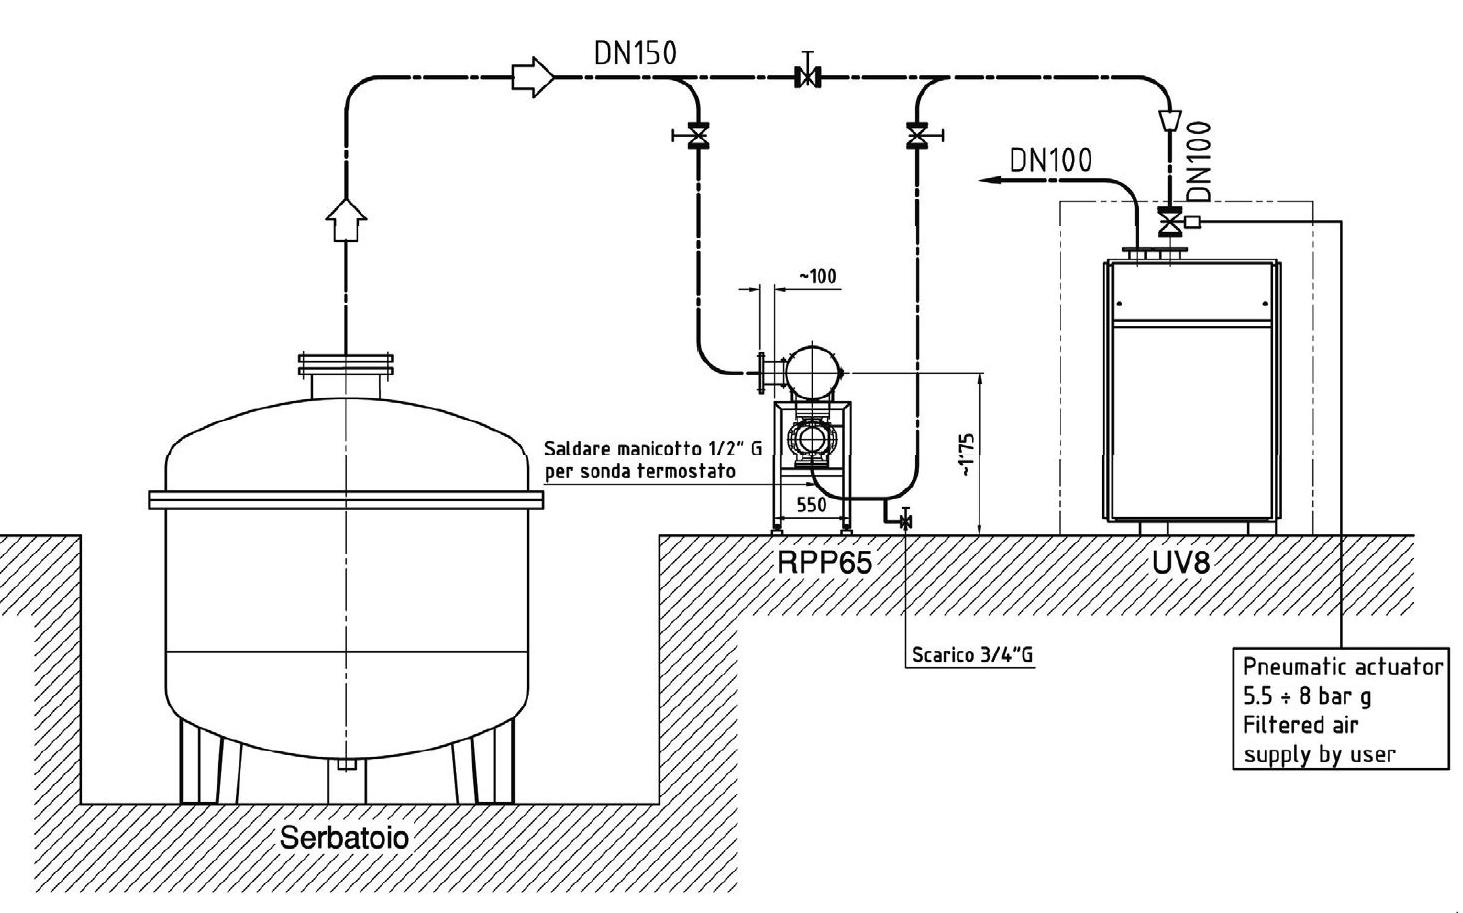 Pneumofore Rotary Vane Vacuum System